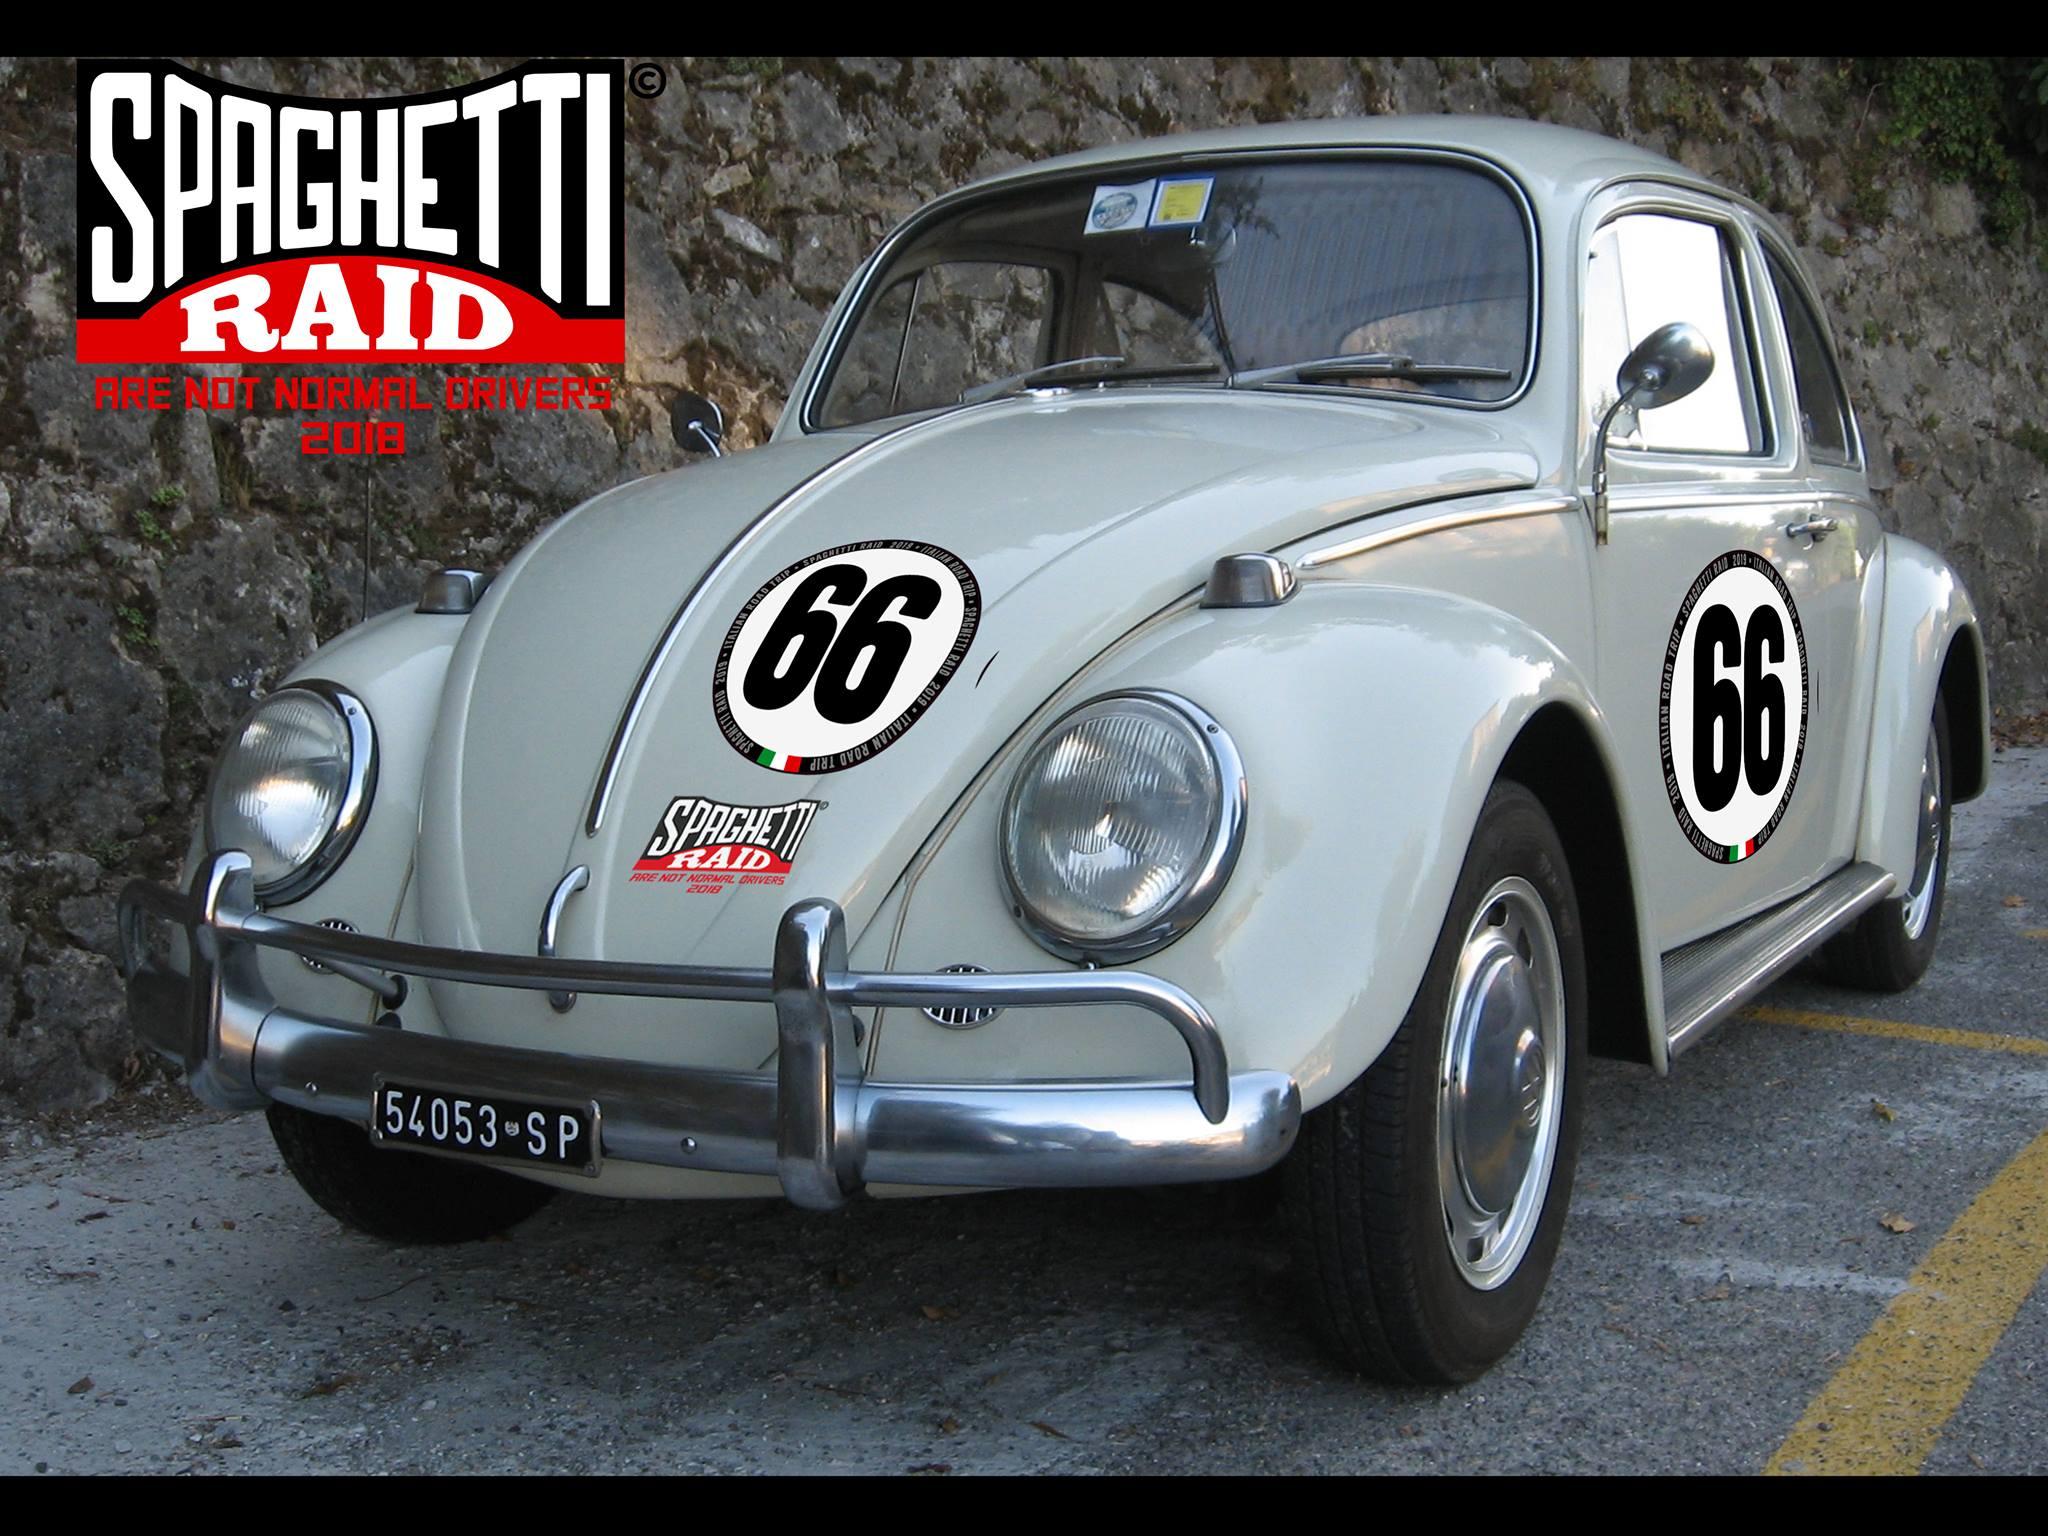 Team INGE & PUFFA #167 VW MAGGIOLINO 1192cc del '66 Città: Lerici SP